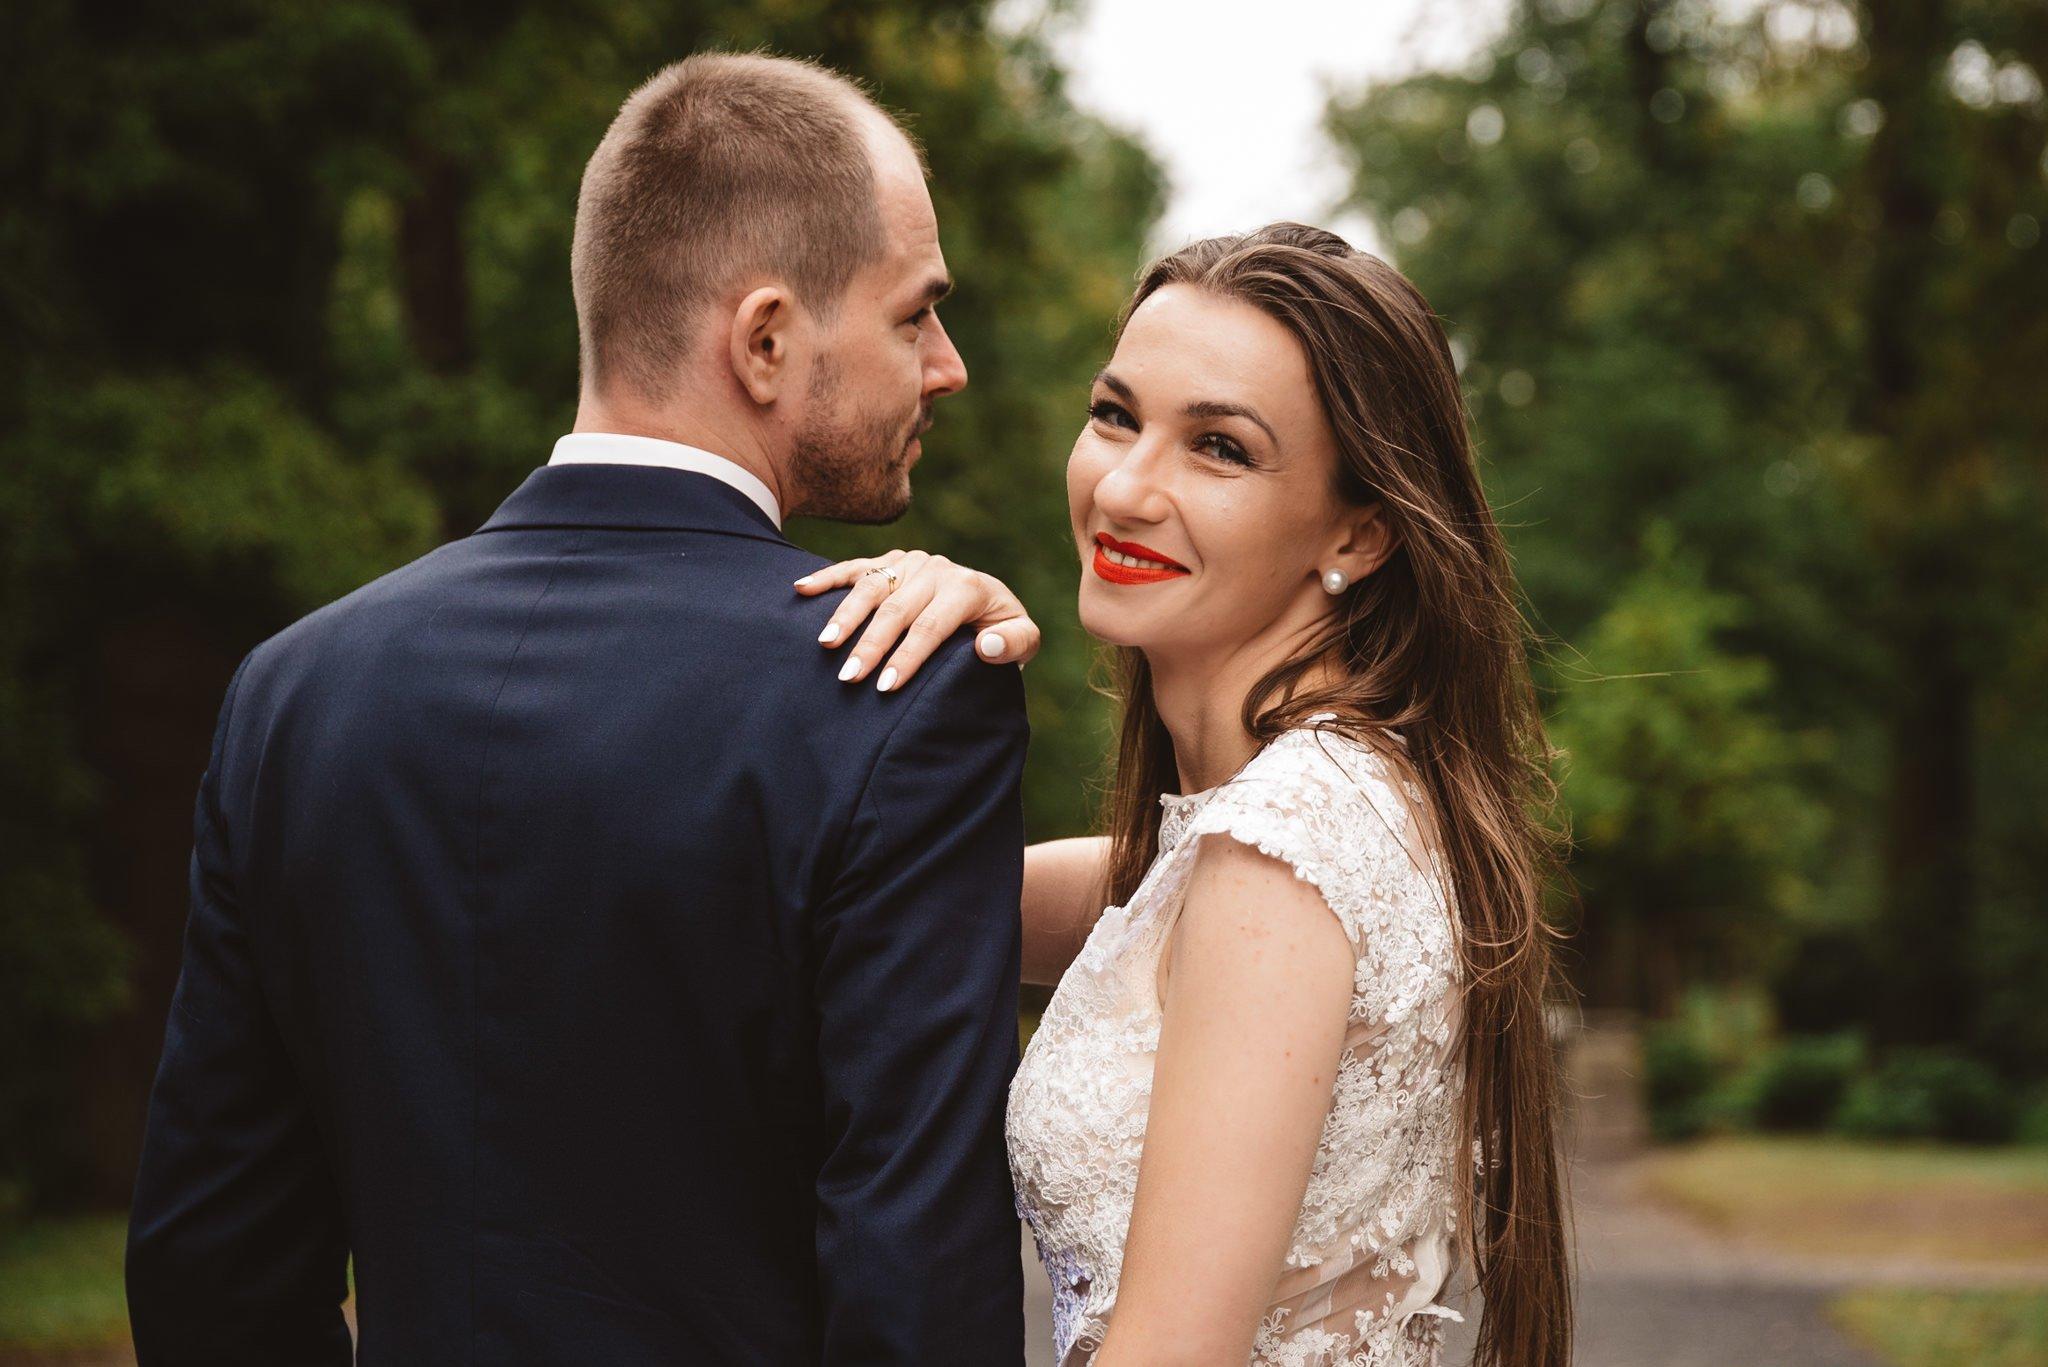 Ala i Arek, czyli jak zorganizować ślub i wesele w 4 tygodnie! 429